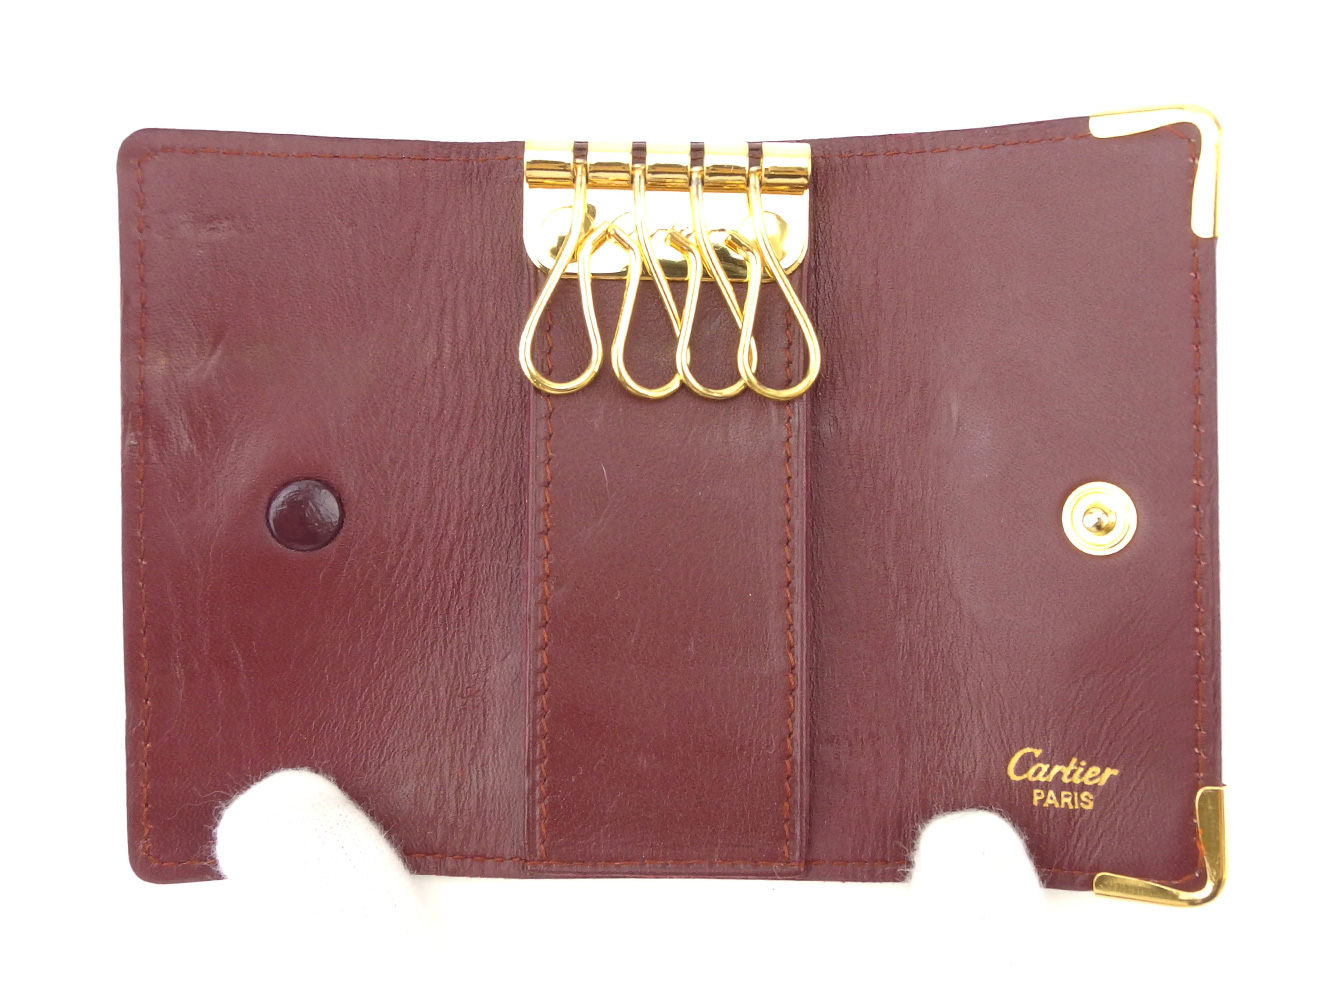 4534c6b69c76 フェンディ カルティエ Cartier キーケース 4連キーケース ...